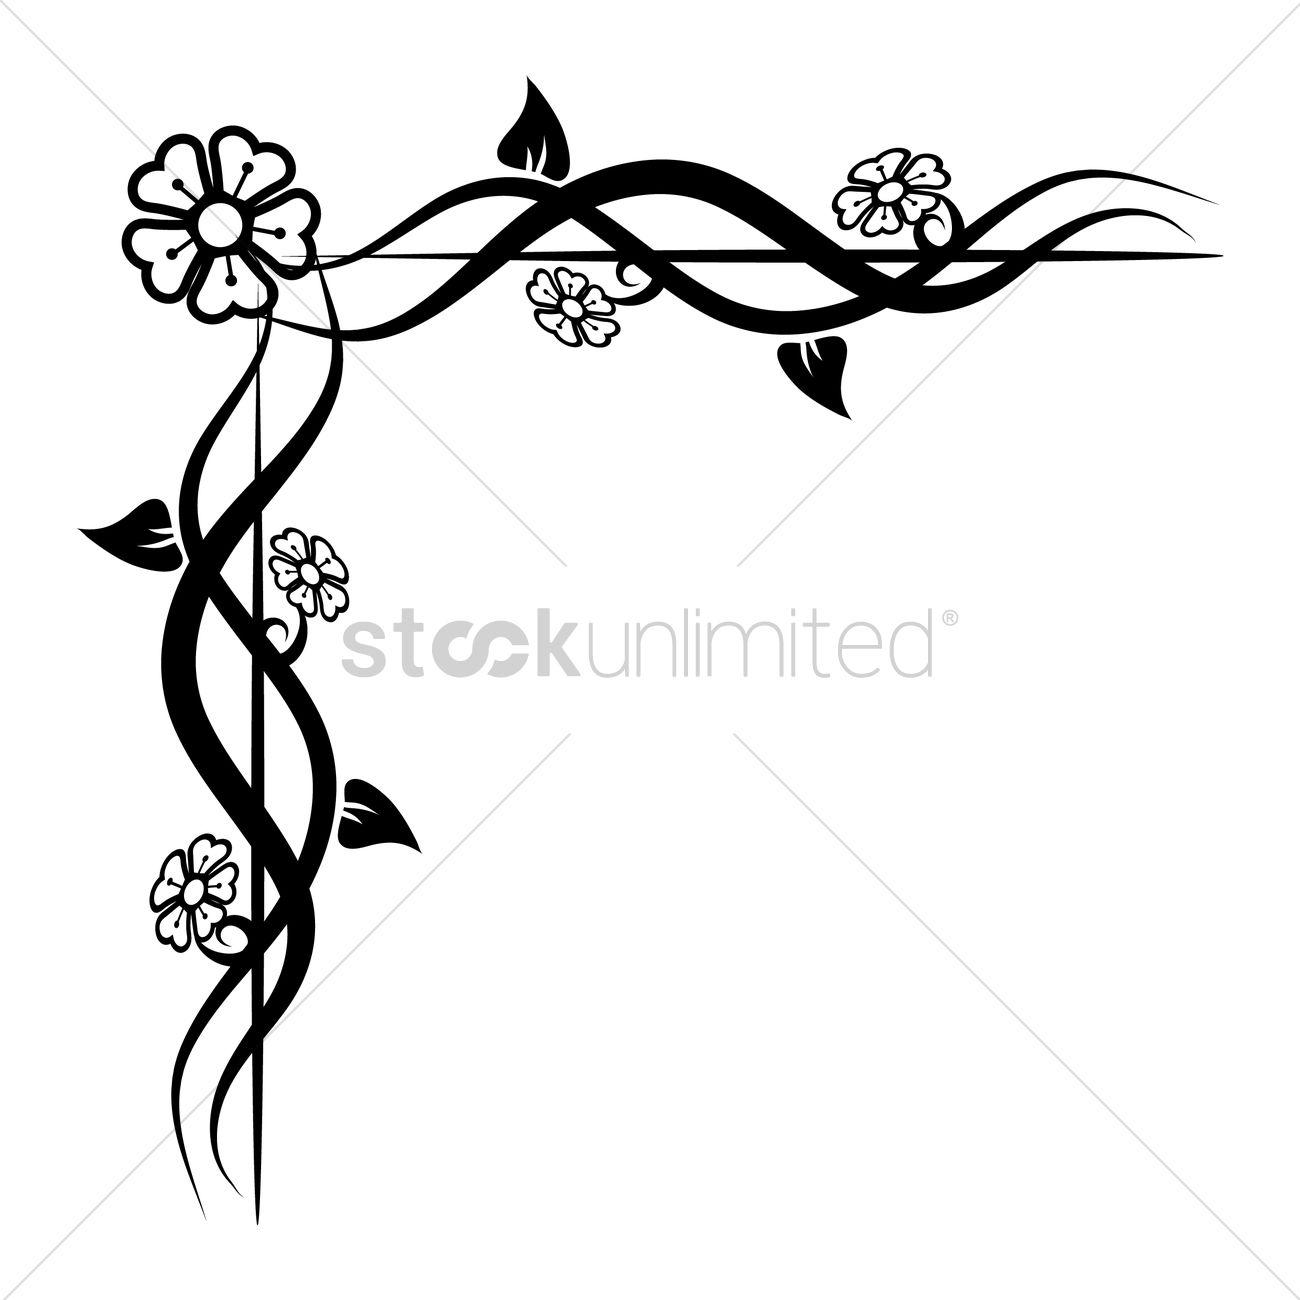 Floral corner design Vector Image - 1626889 | StockUnlimited